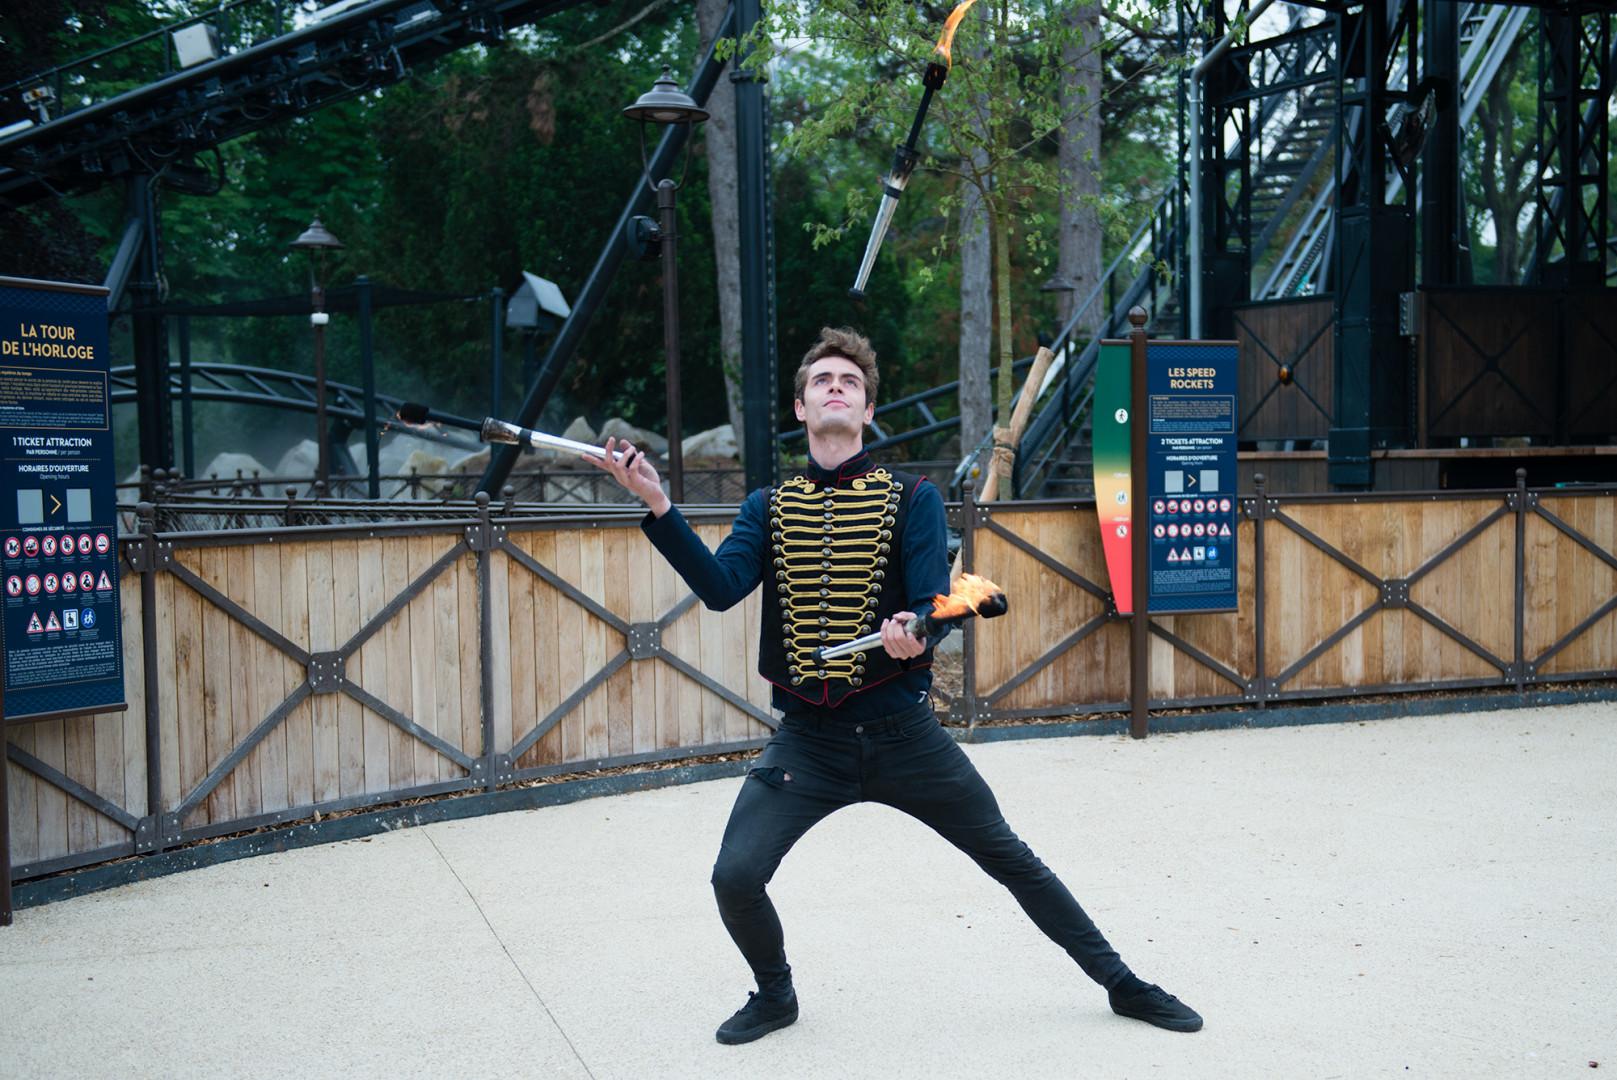 Le Jardin d'Acclimatation proposera désormais des parades, des spectacles de cracheur de feu et de jongleurs aux visiteurs.